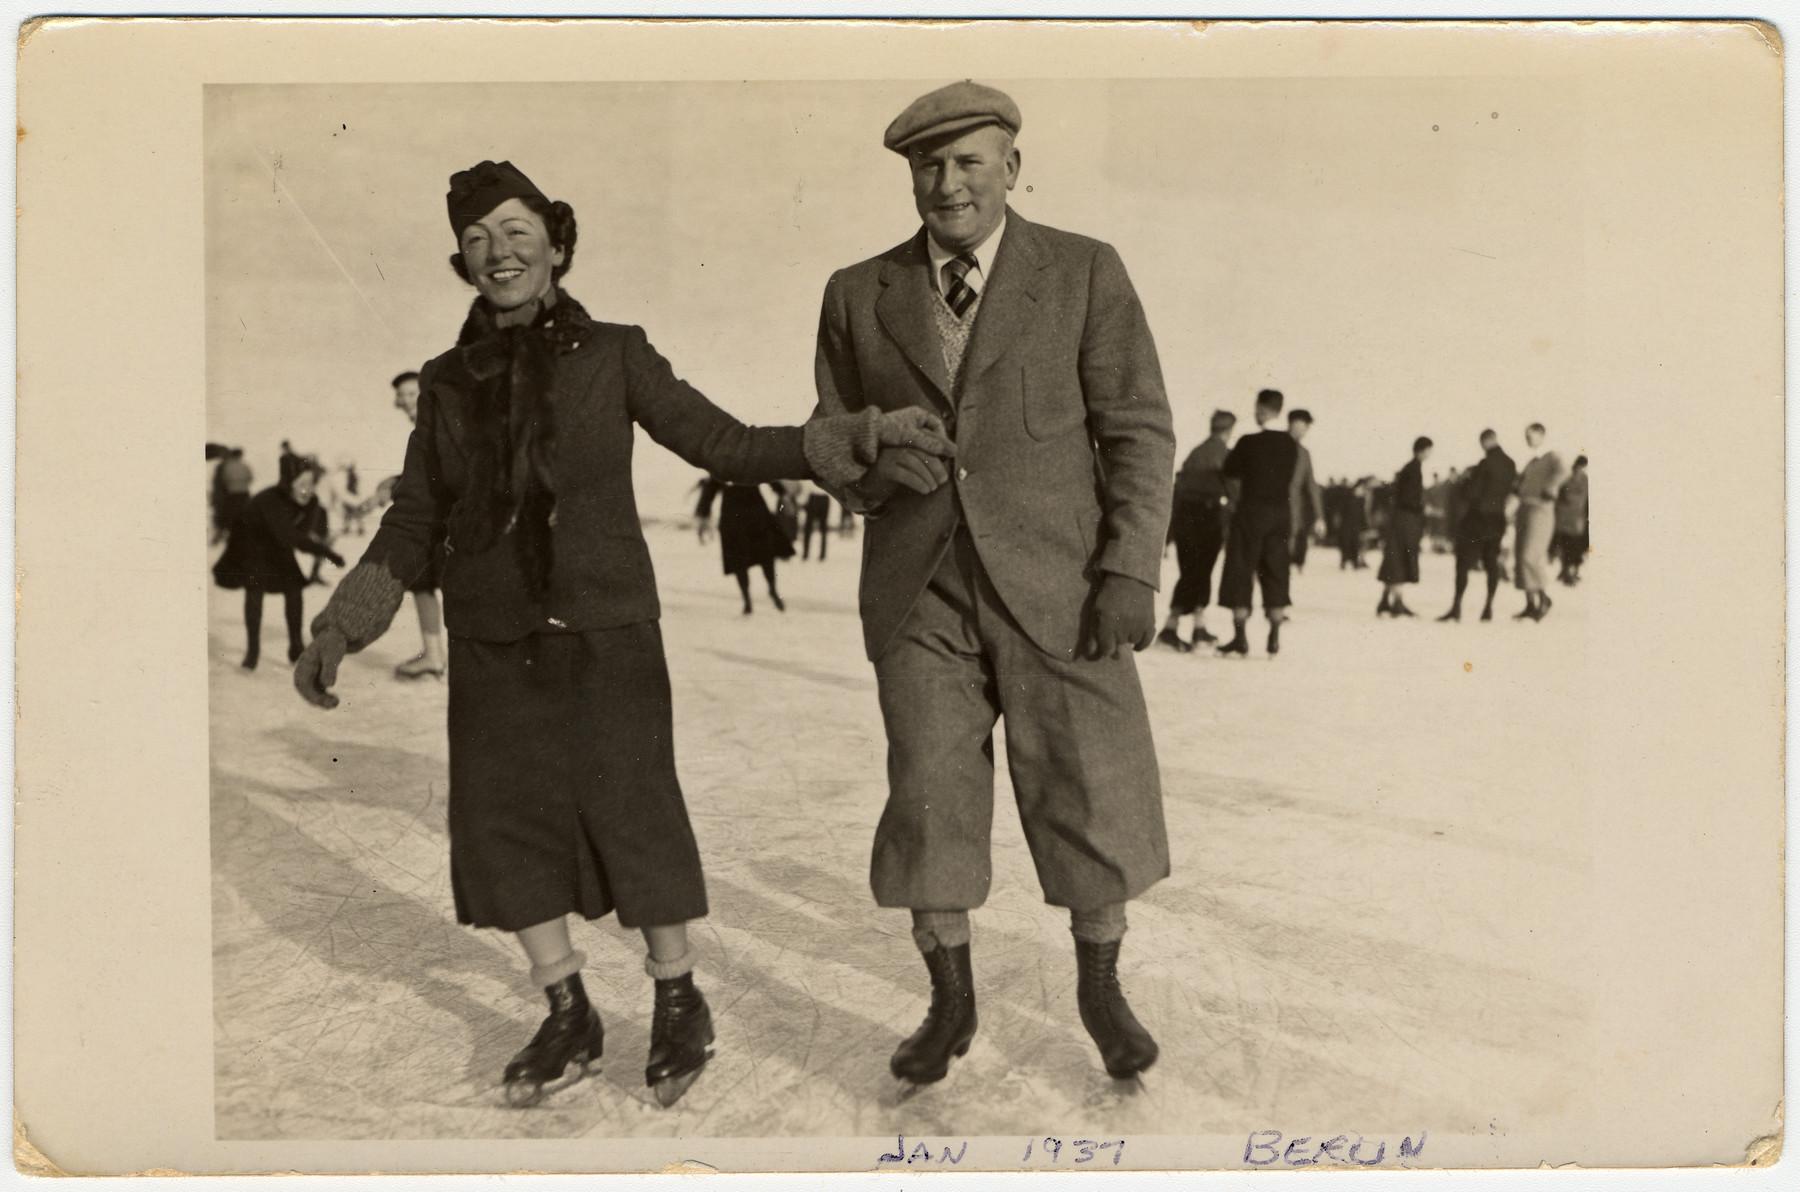 Kurt and Helene Liebenau go skating in Berlin in 1937.